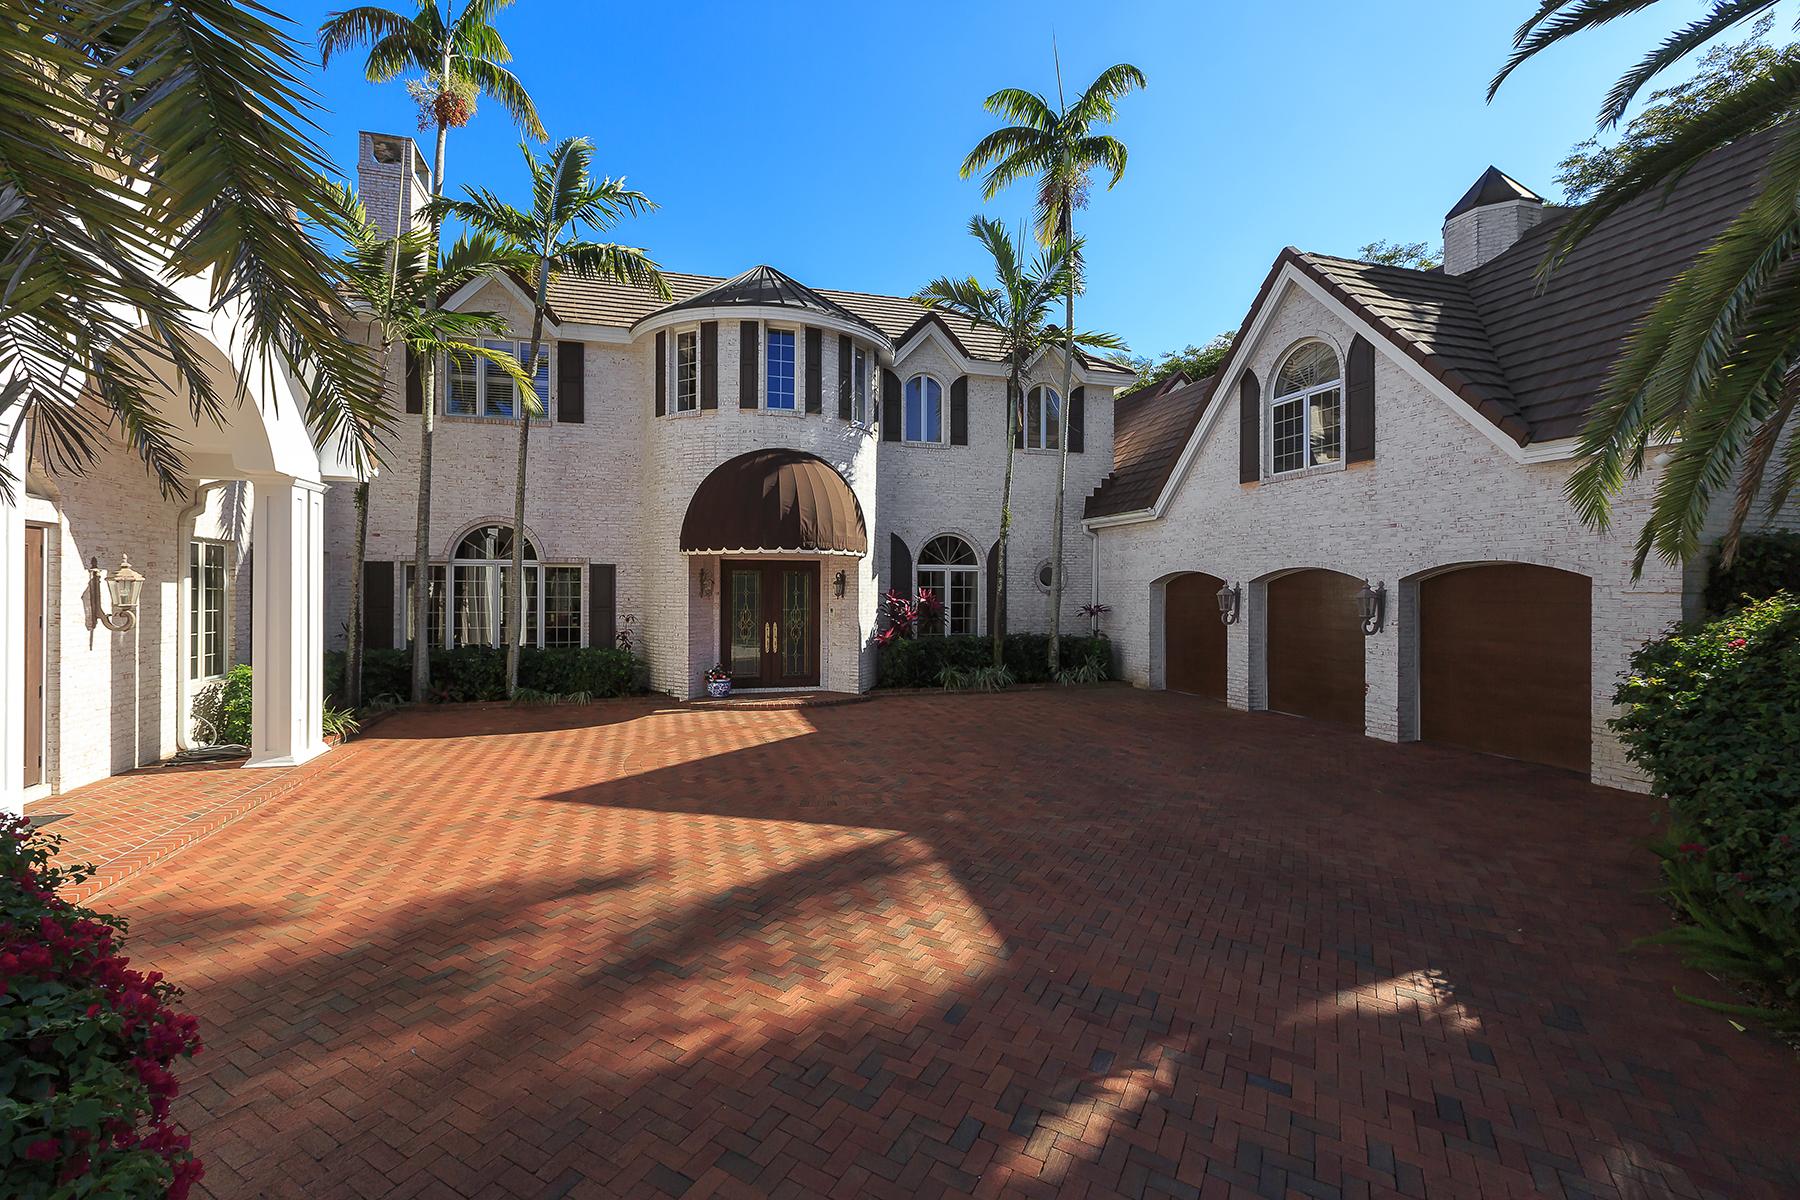 Maison unifamiliale pour l Vente à PELICAN BAY - BAY COLONY SHORES 356 Cromwell Ct Naples, Florida, 34108 États-Unis